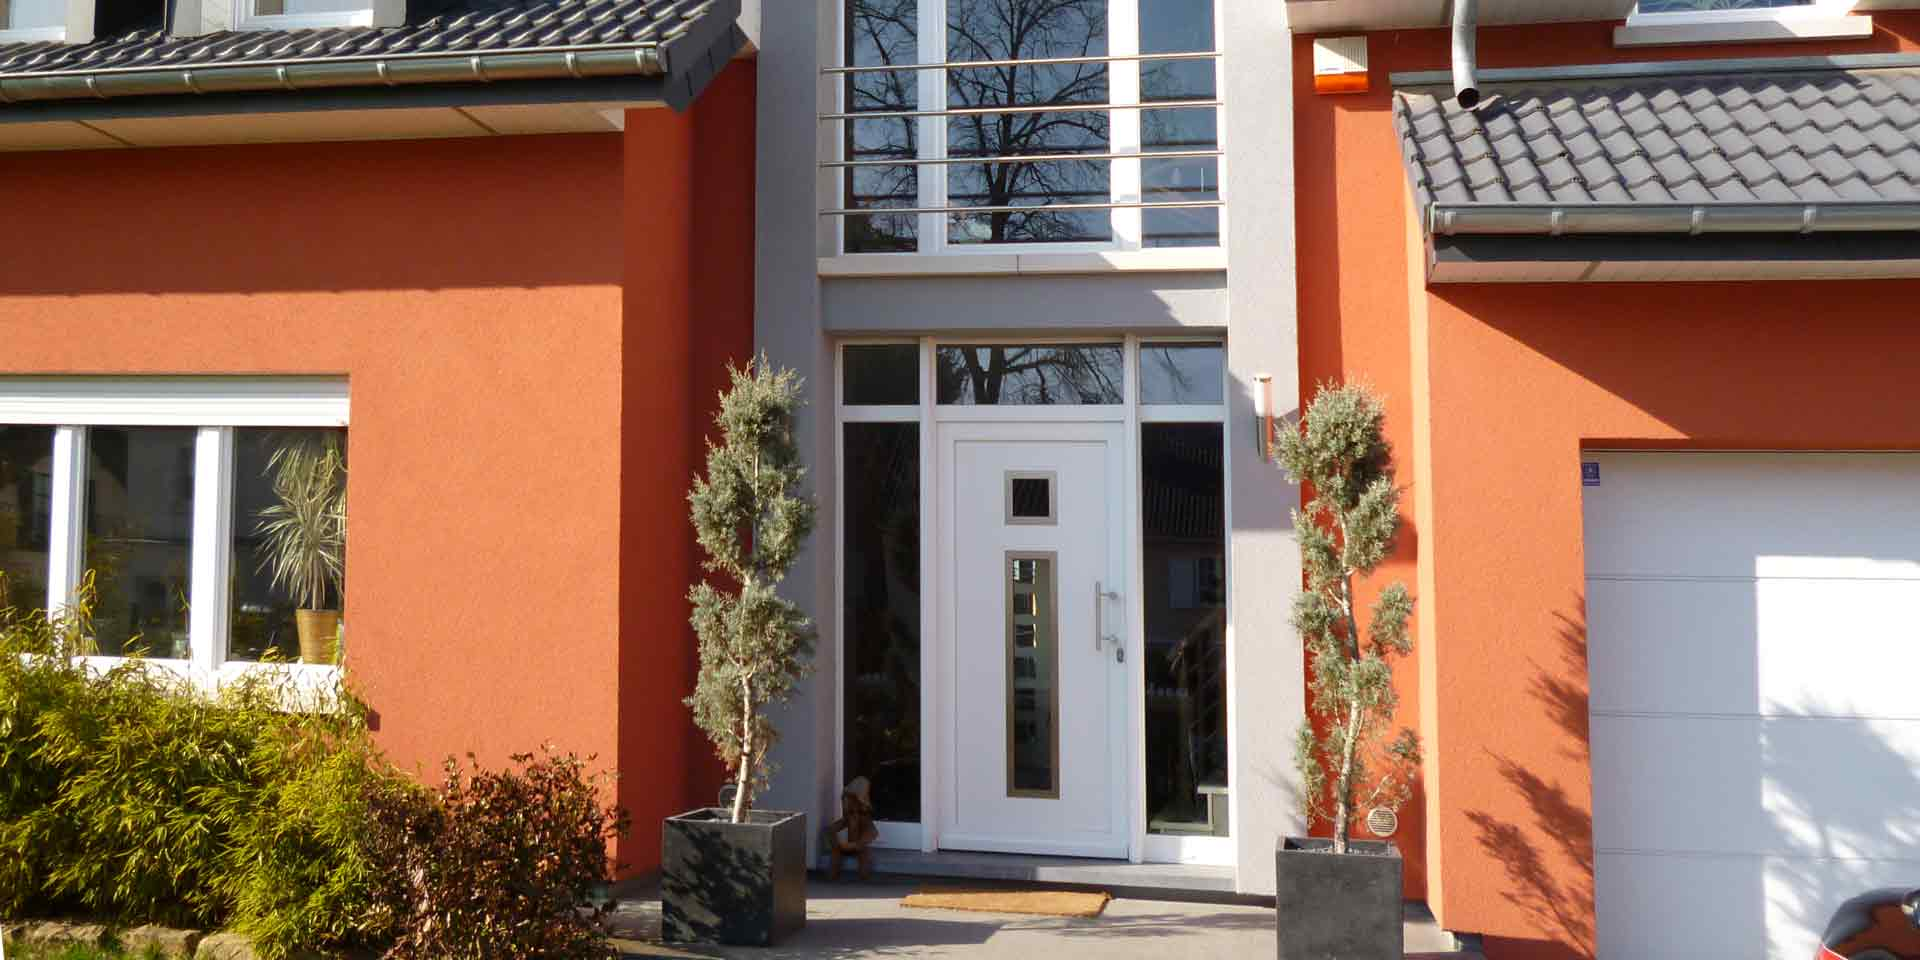 Nahaufnahme des Eingangsbereichs eines roten Einfamilienhauses mit Blick auf eine weiße moderne Coplaning Haustür mit Glas und darüber ein großes weißes Coplaning Gauben- Kunststoff Fenster.